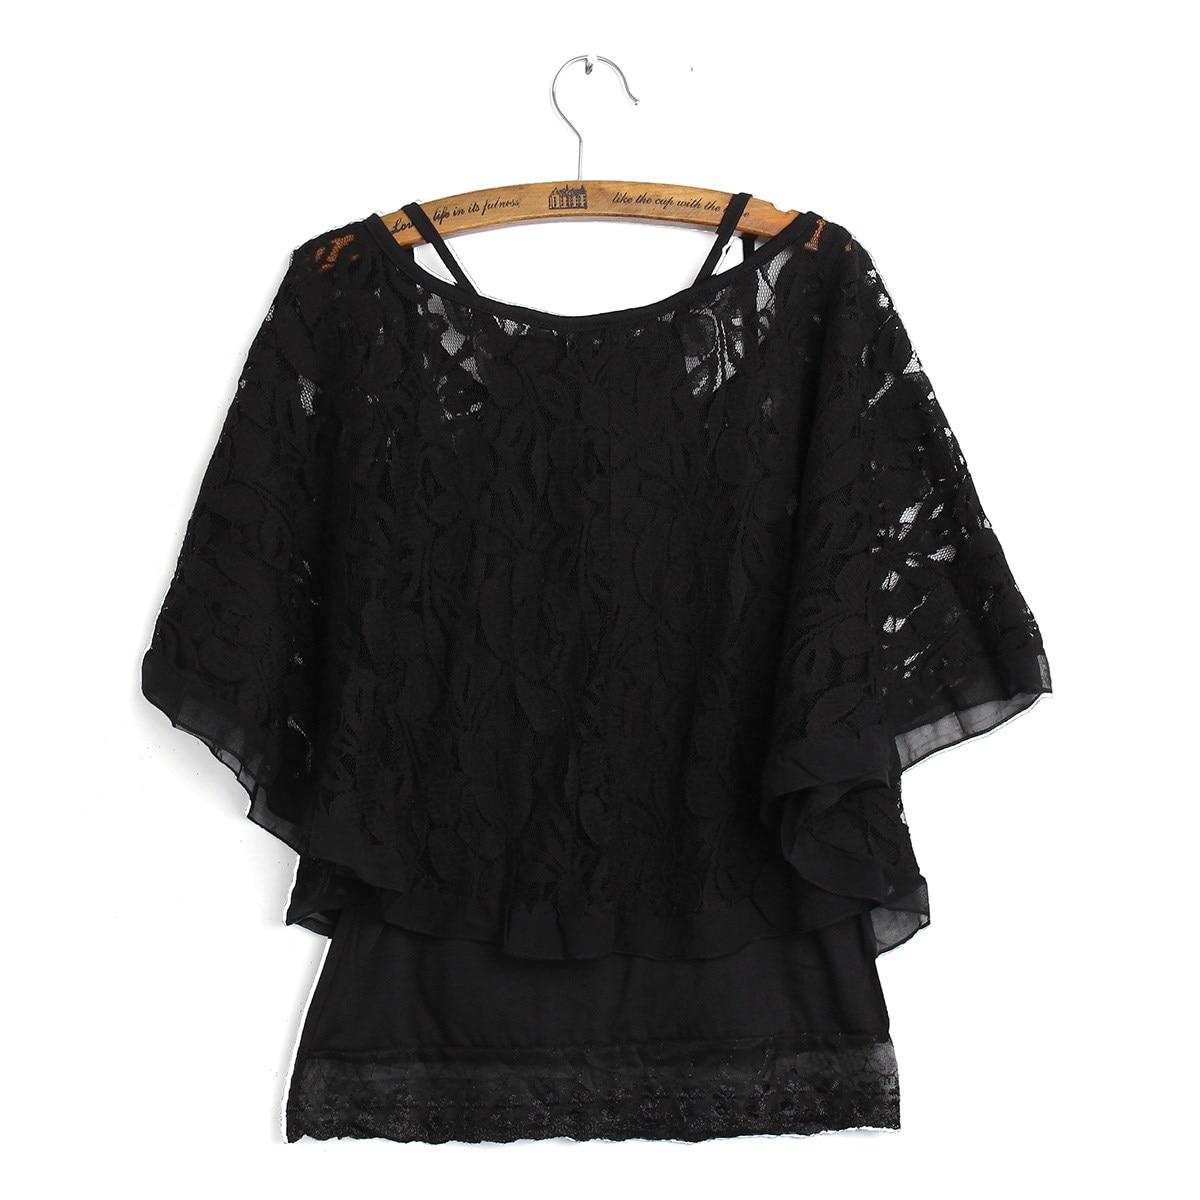 Online Get Cheap Crochet Summer Tops -Aliexpress.com | Alibaba Group